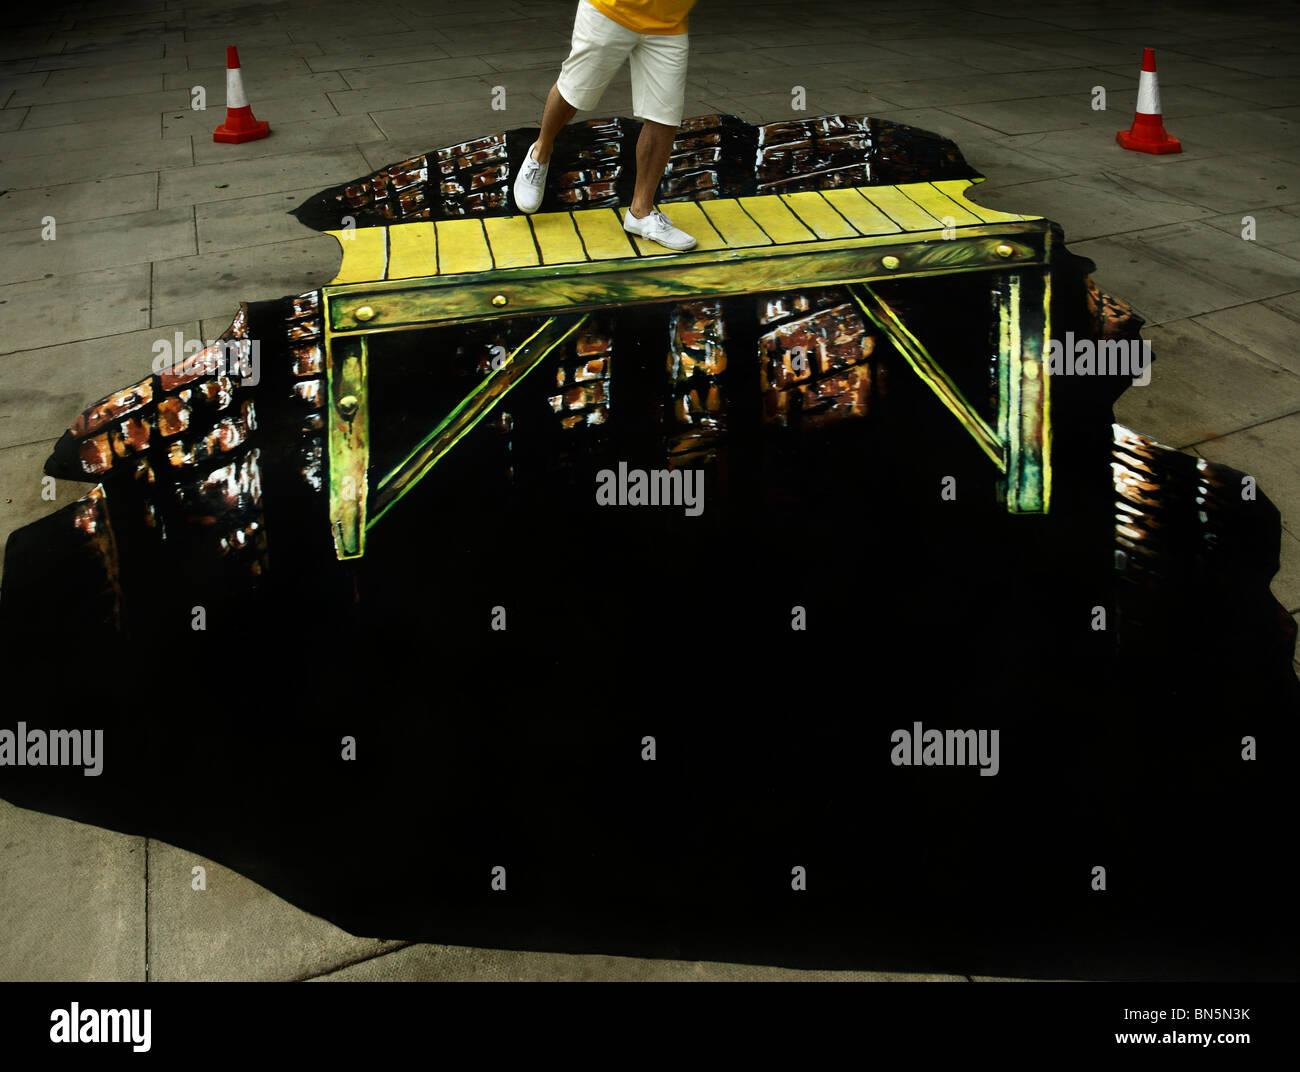 Ilusión óptica street art por Max Lowry & Joe Hill. Imagen De Stock